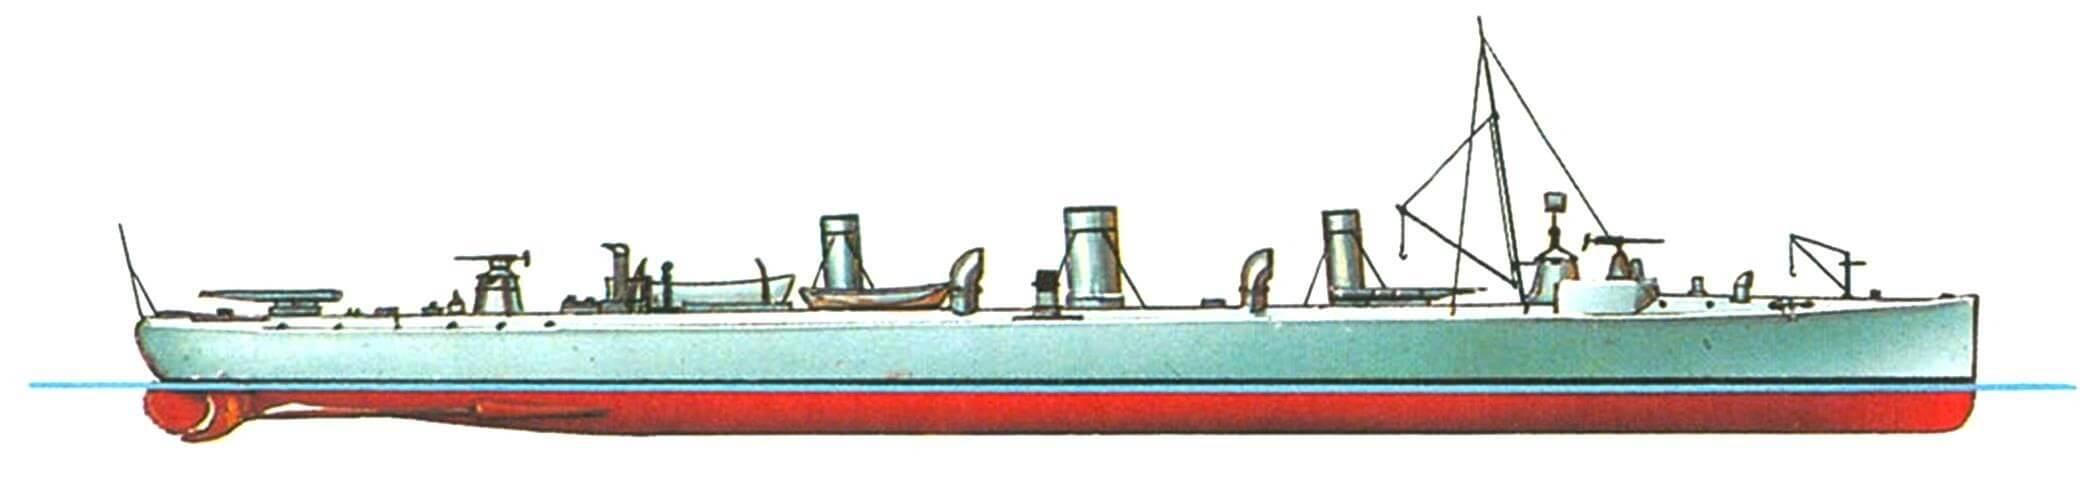 144. Эскадренный миноносец «Фульмине», Италия, 1900 г. Строился в Италии фирмой «Одеро». Водоизмещение нормальное 293 т, полное 337 т. Длина наибольшая 62,2 м, ширина 6,41 м, осадка 2,3 м. Мощность двухвальной паросиловой установки 4700 л.с., скорость 24 узла. Вооружение: пять 57-мм пушек, три 356-мм торпедных аппарата. Построена одна единица. Исключен из списков флота в 1921 г.